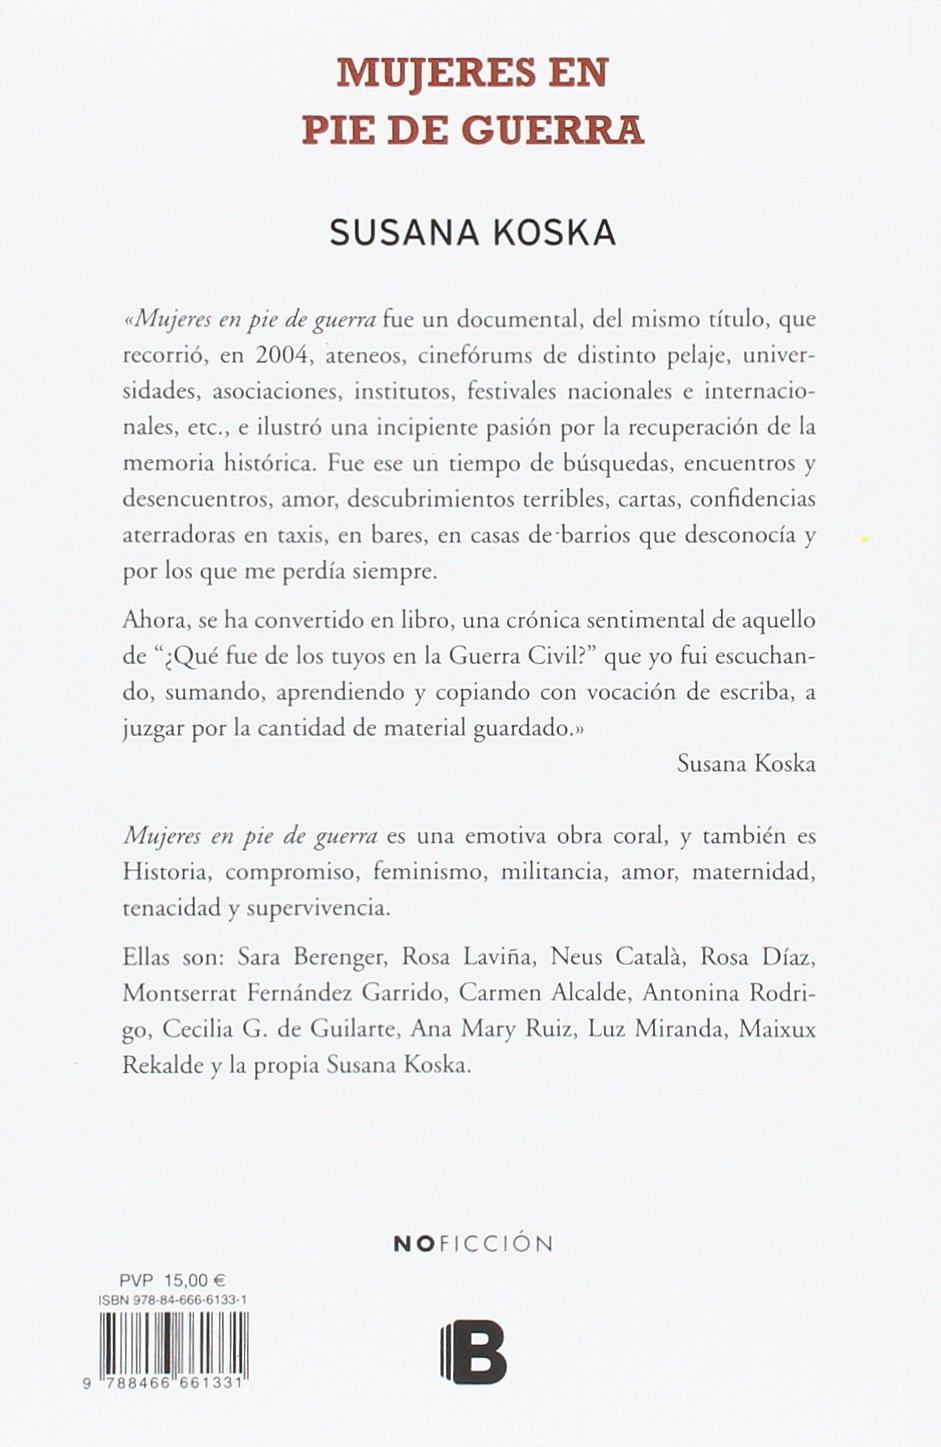 Mujeres en pie de guerra: Memorias de nosotras No ficción: Amazon.es:  Susana Koska: Libros